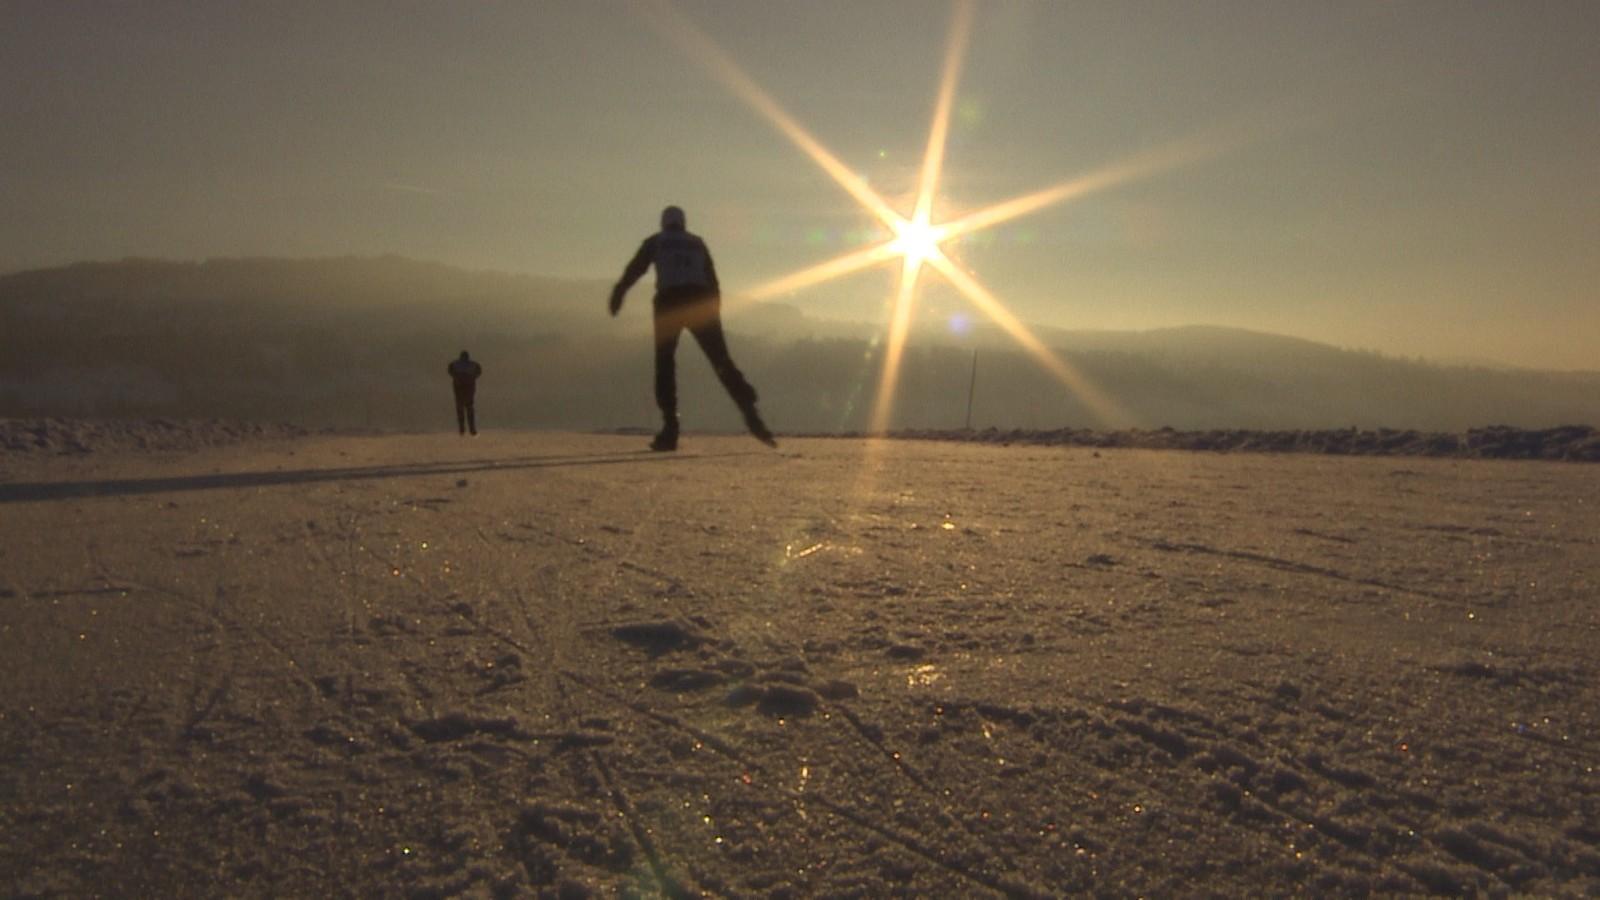 Det årlige Mjøsløpet ble arrangert for åttende gang i dag, og det trekker nederlandske skøyteentusiaster